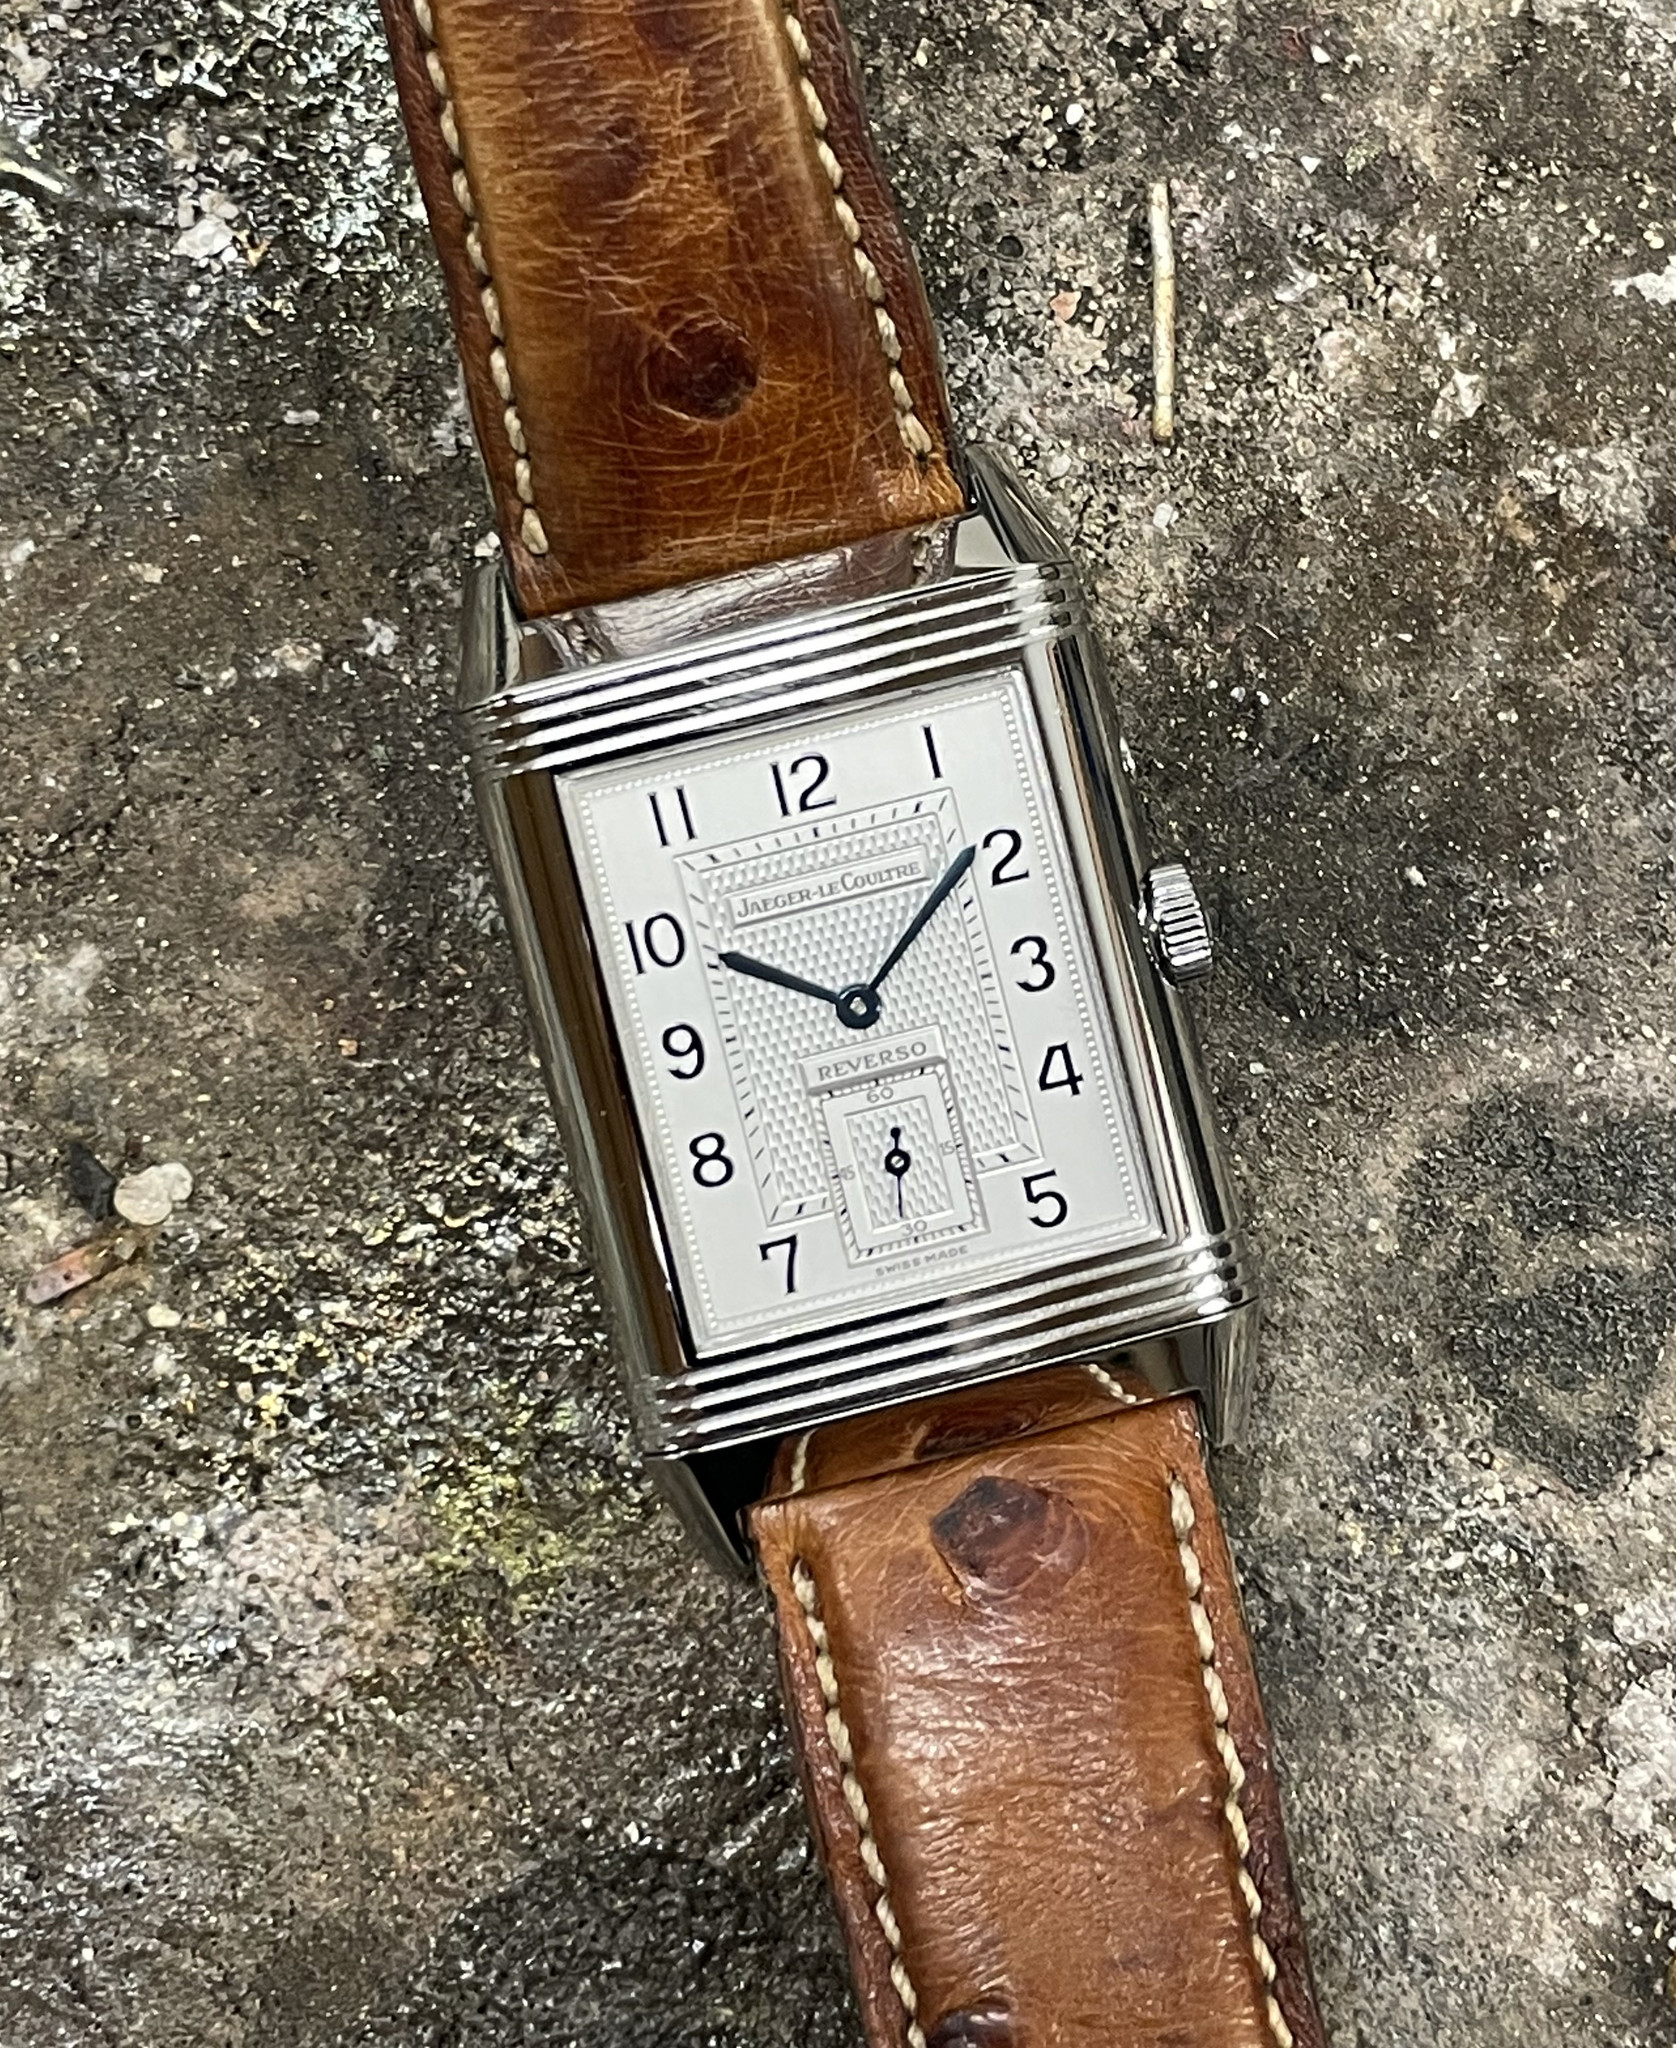 Jaeger-LeCoultre - Duo Face - Horloge Heren - 270.8.54-1